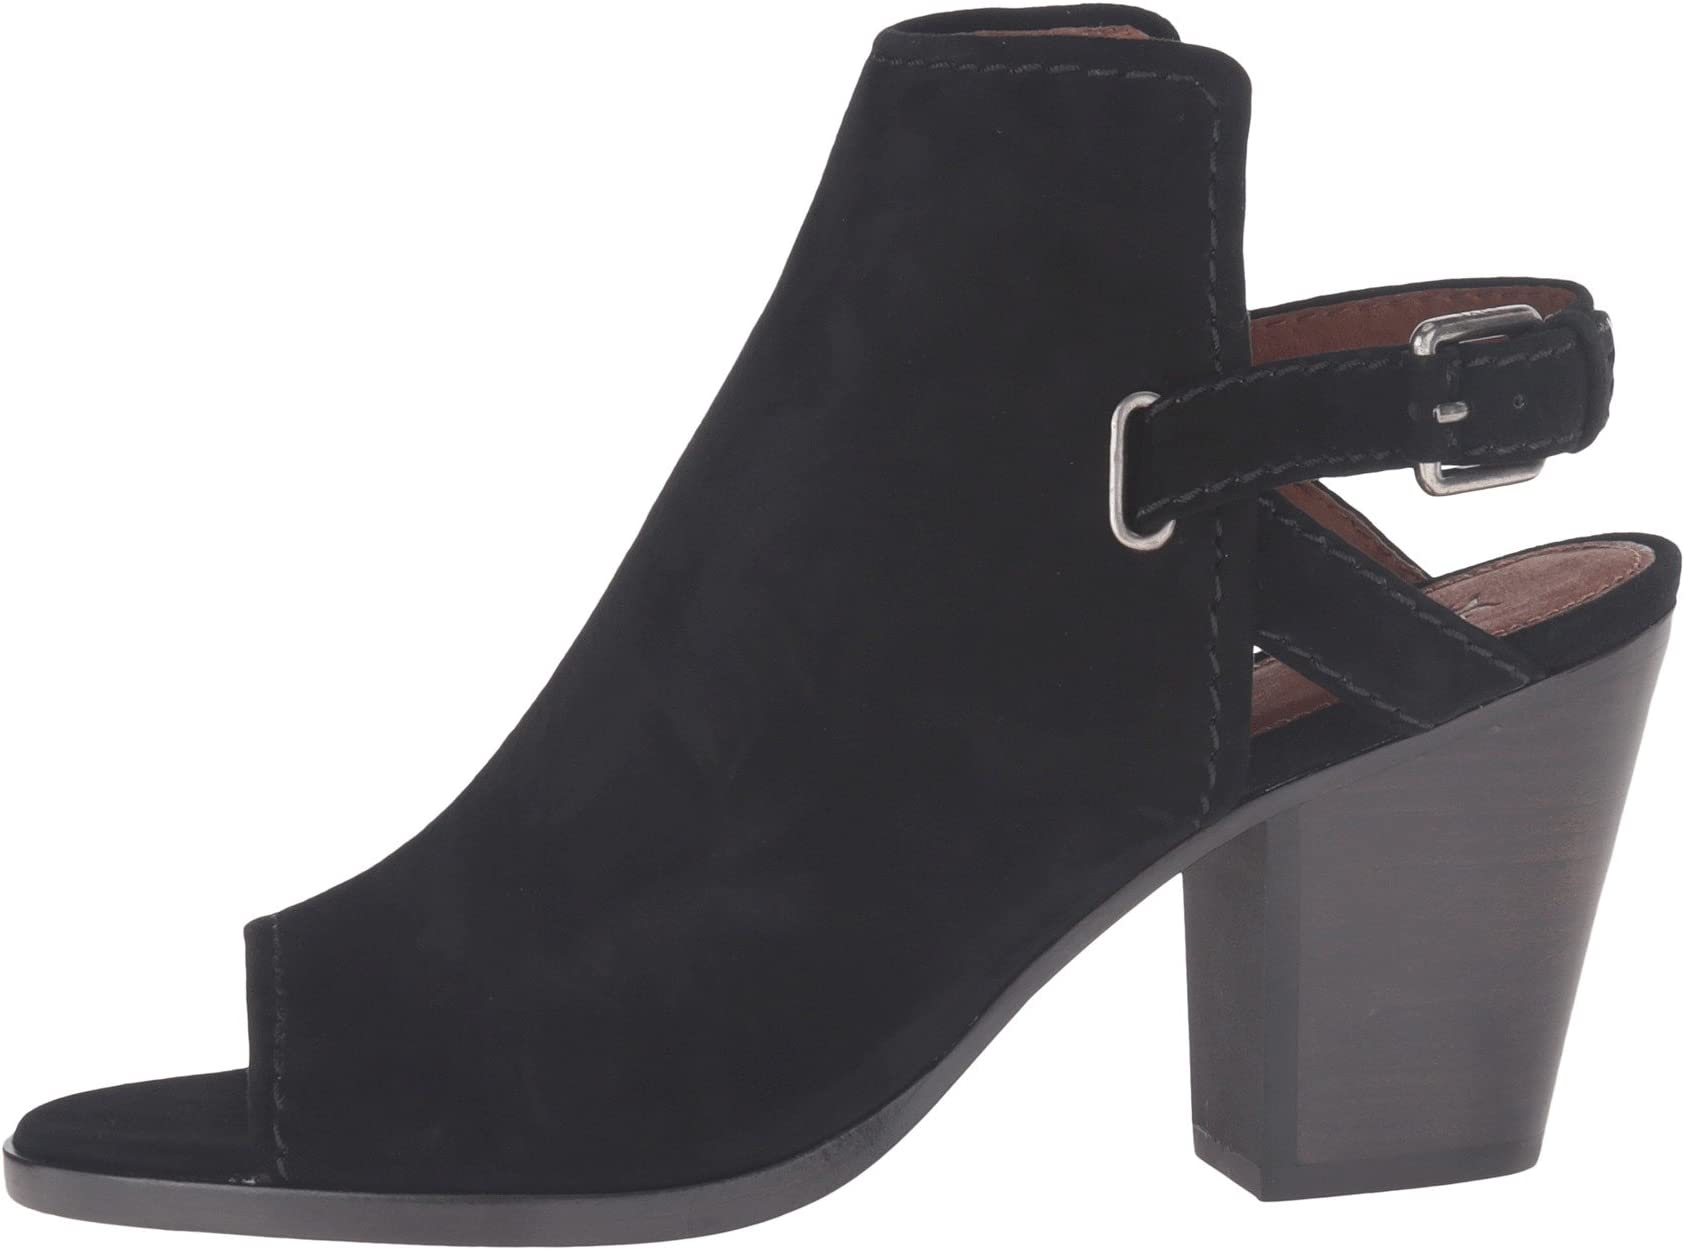 Frye Dani Shield Sling   Women's shoes   2020 Newest